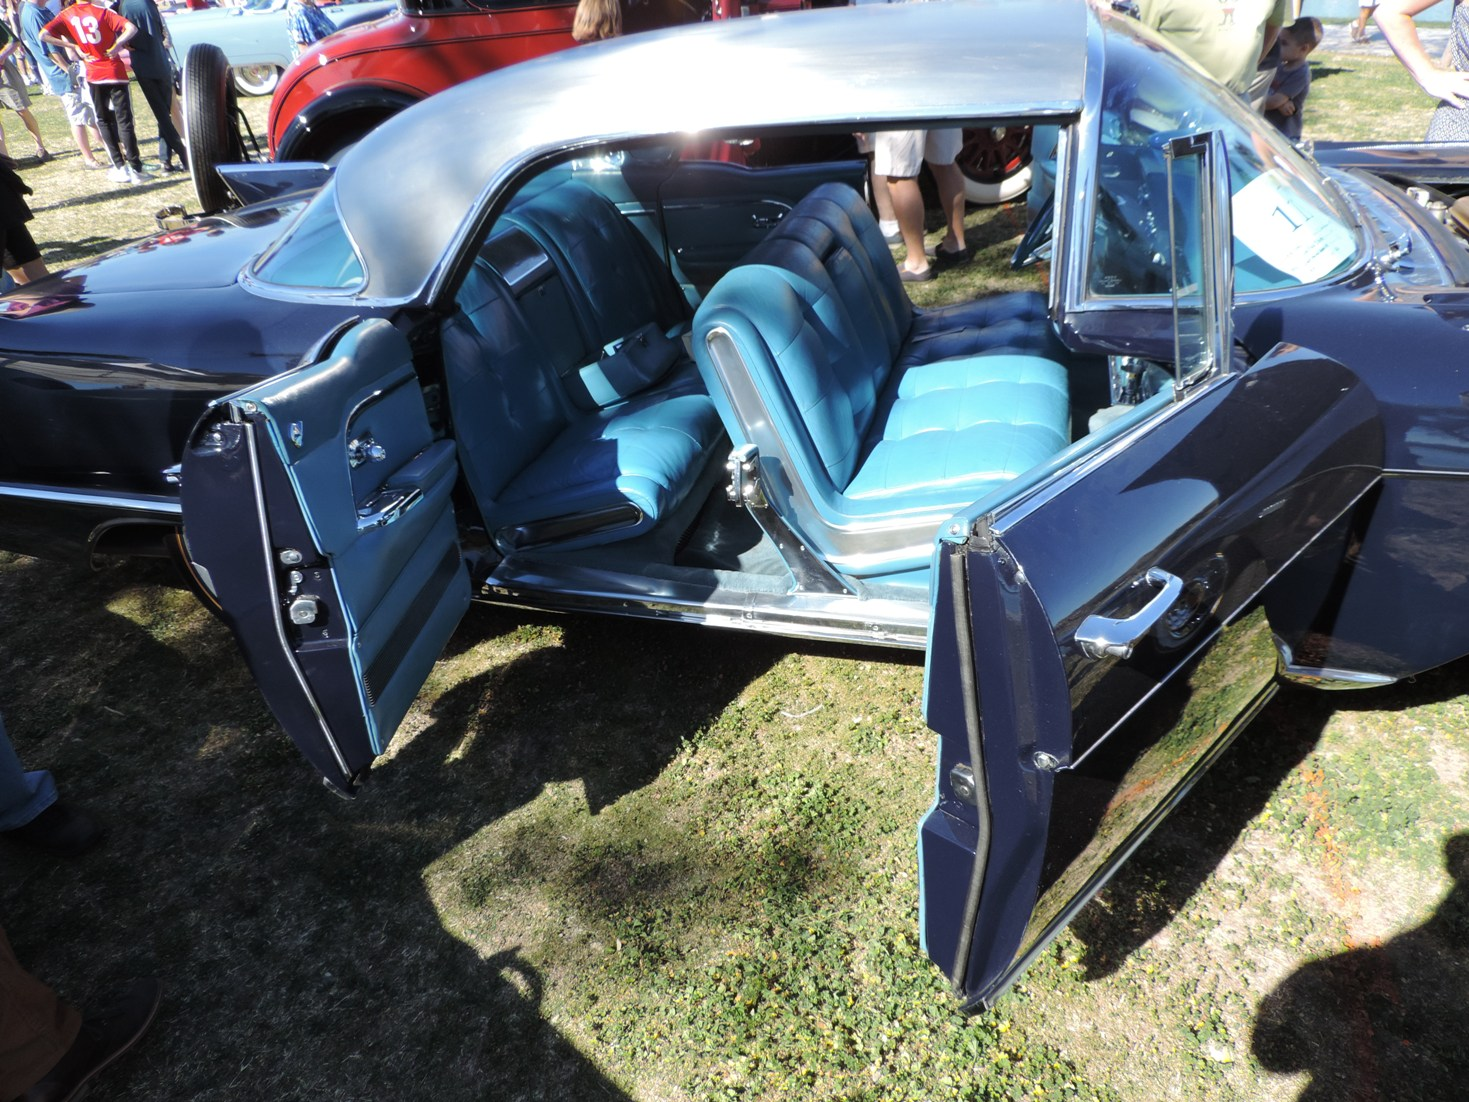 1957 Cadillac Eldorado Brougham suicide doors